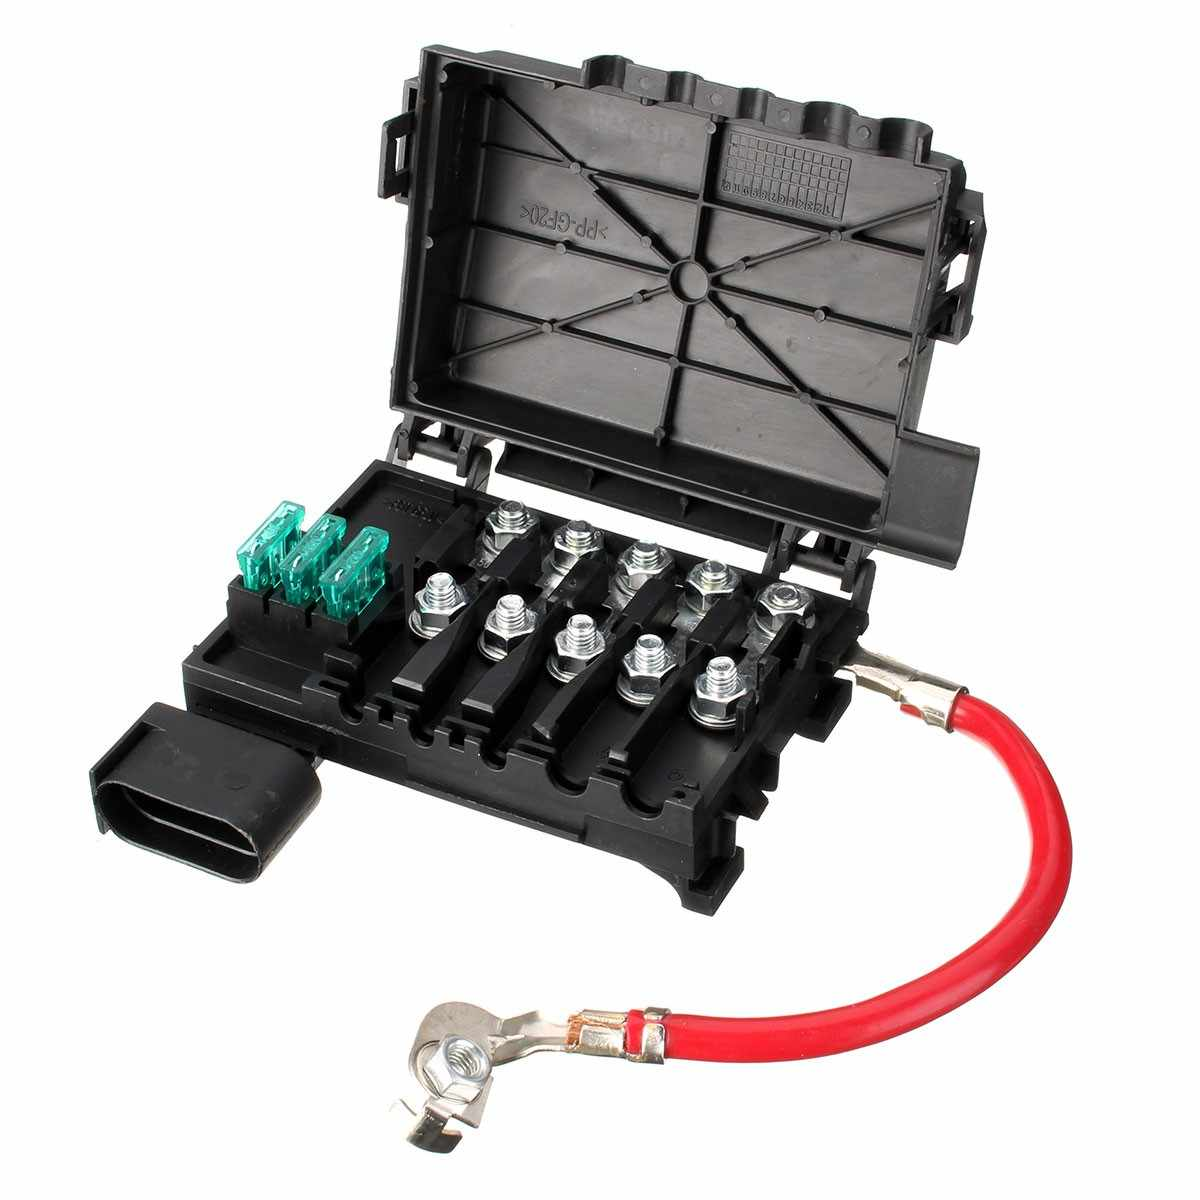 medium resolution of new fuse box for vw beetle golf jetta 1j0937617d 1j0937550 1j0937550aa 1j0937550ab ac ad